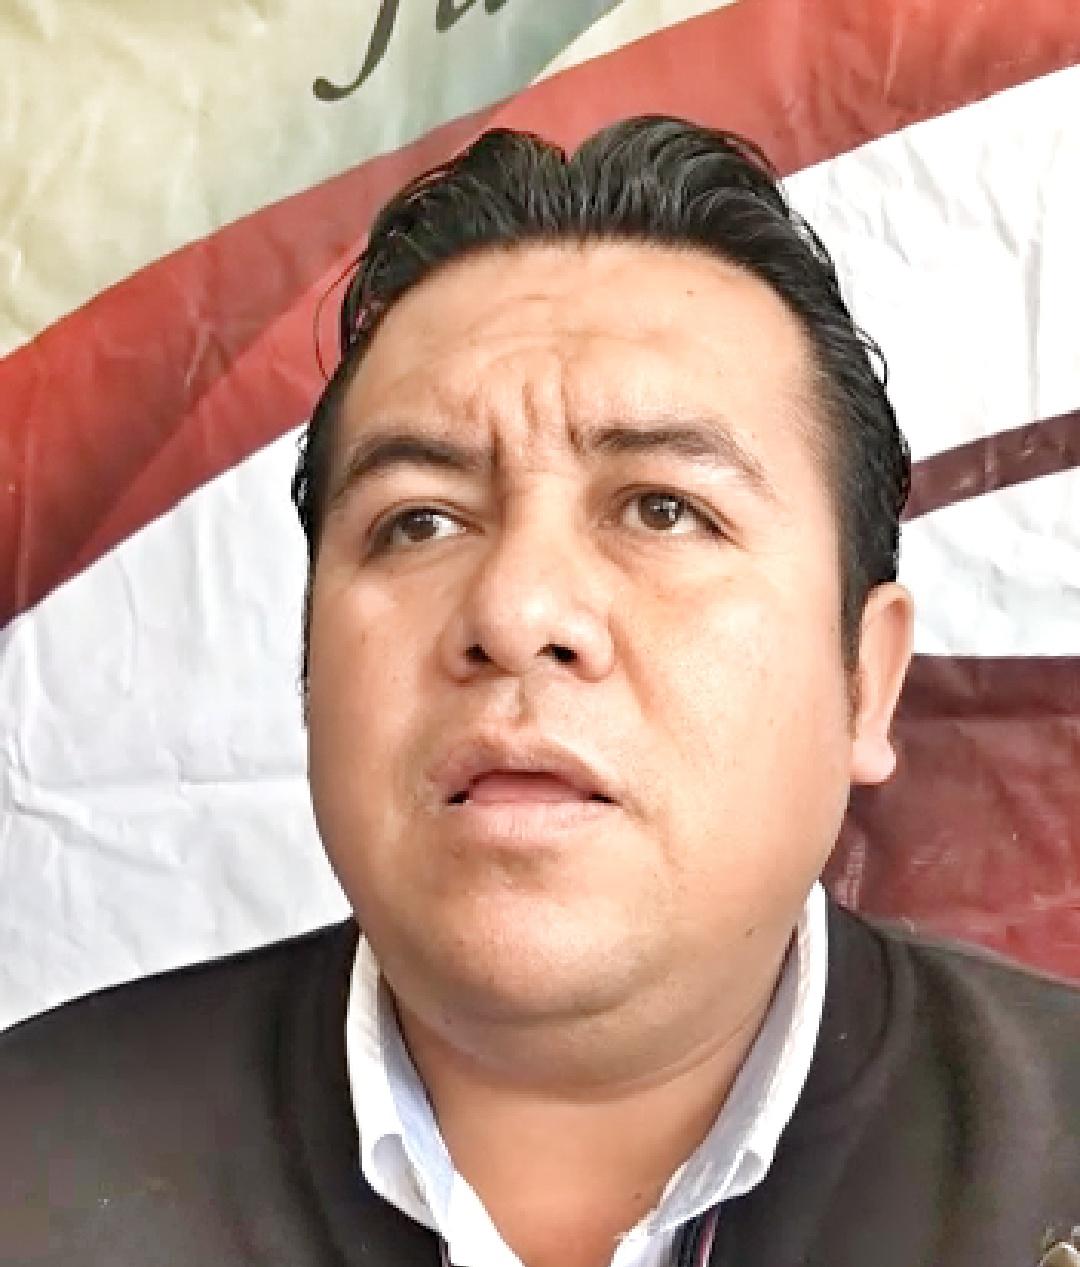 Confirma Alcalde de Tzompantepec ataque intimo a unamenor